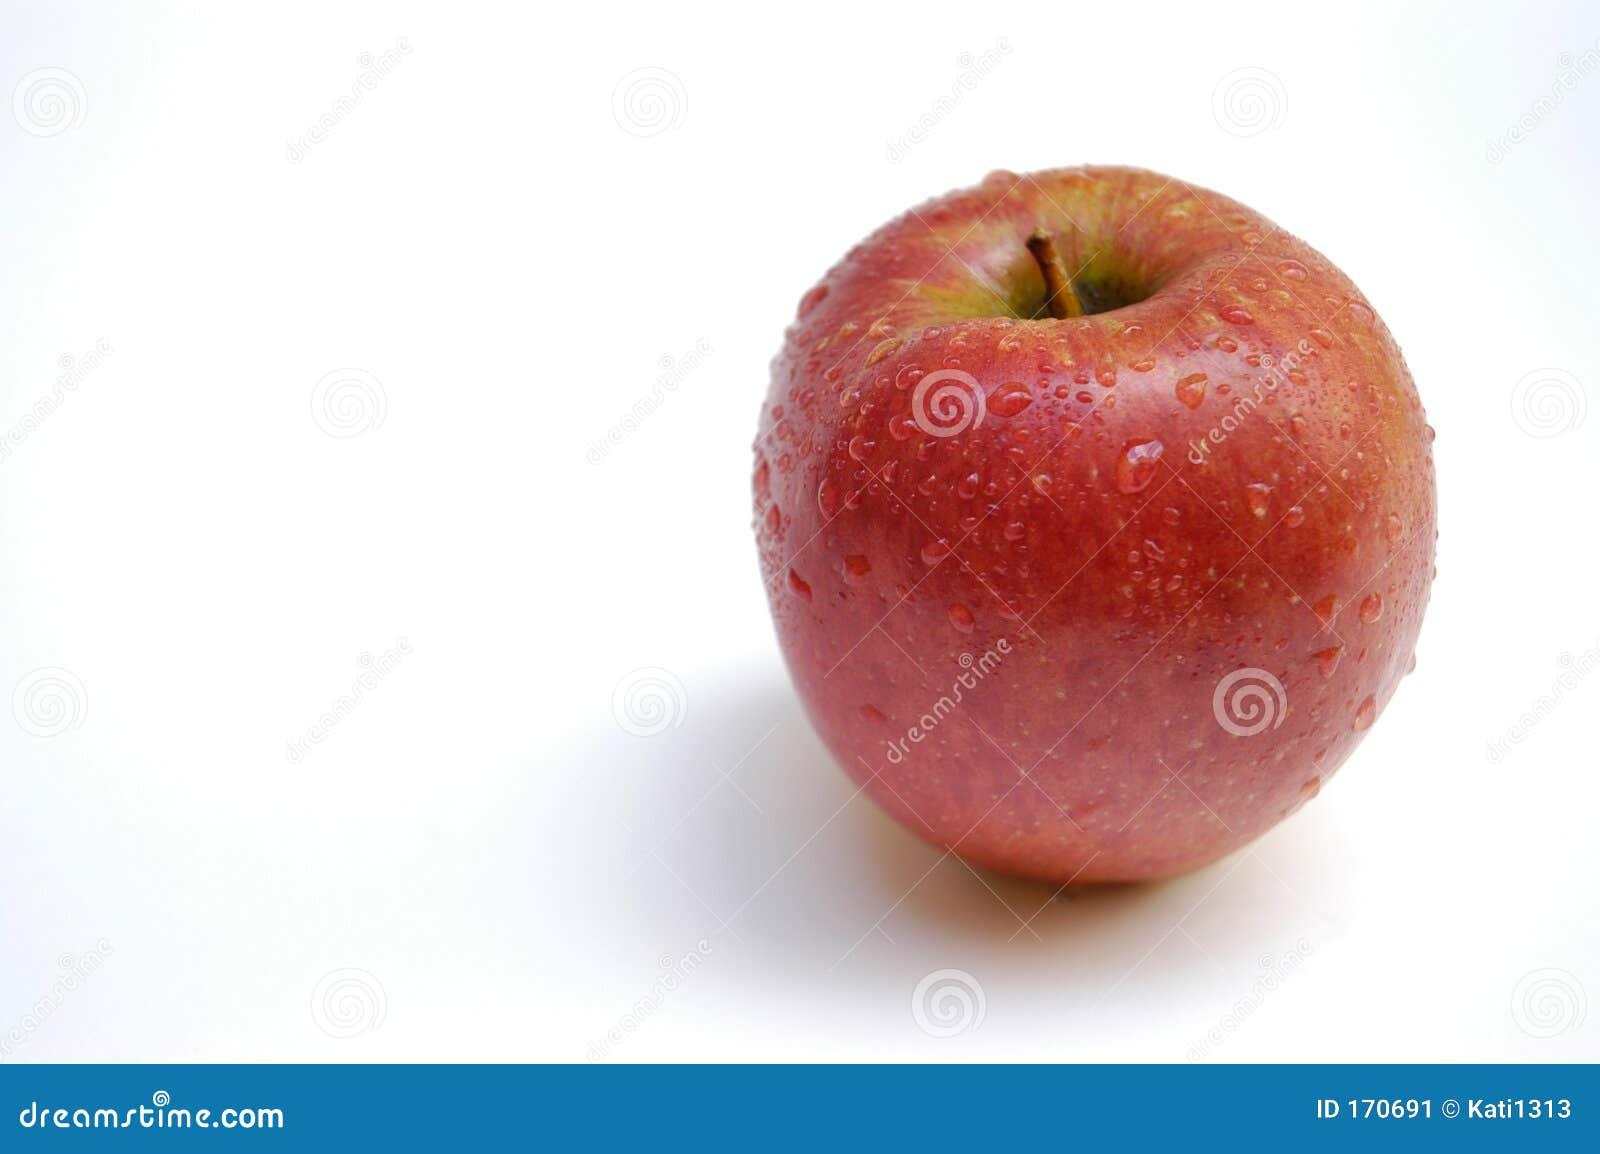 Wet apple II